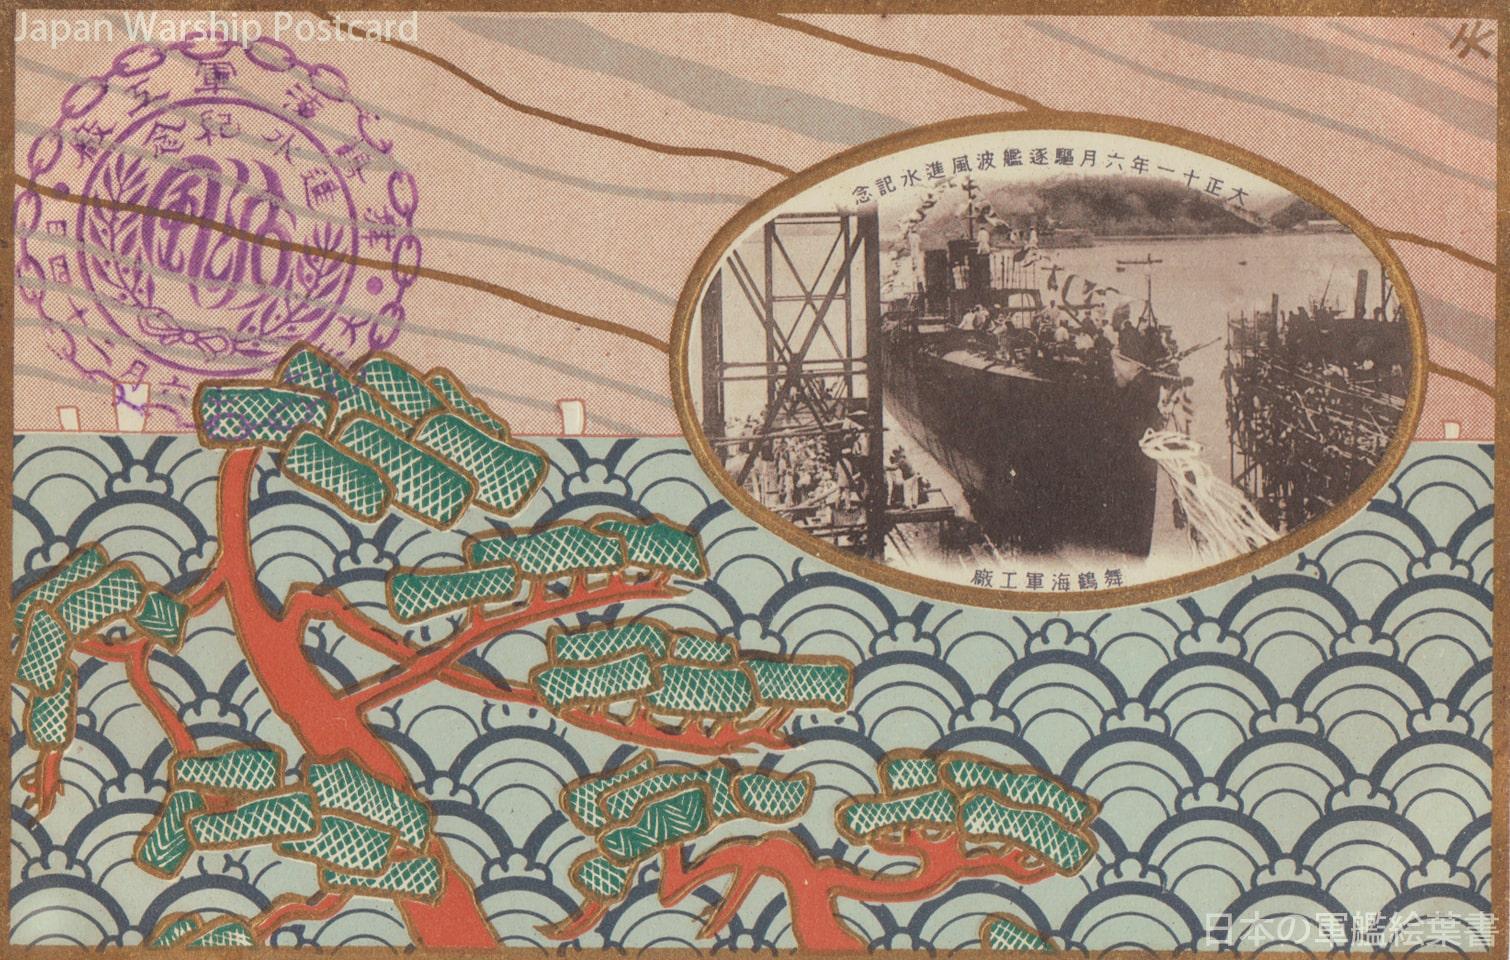 駆逐艦波風進水記念